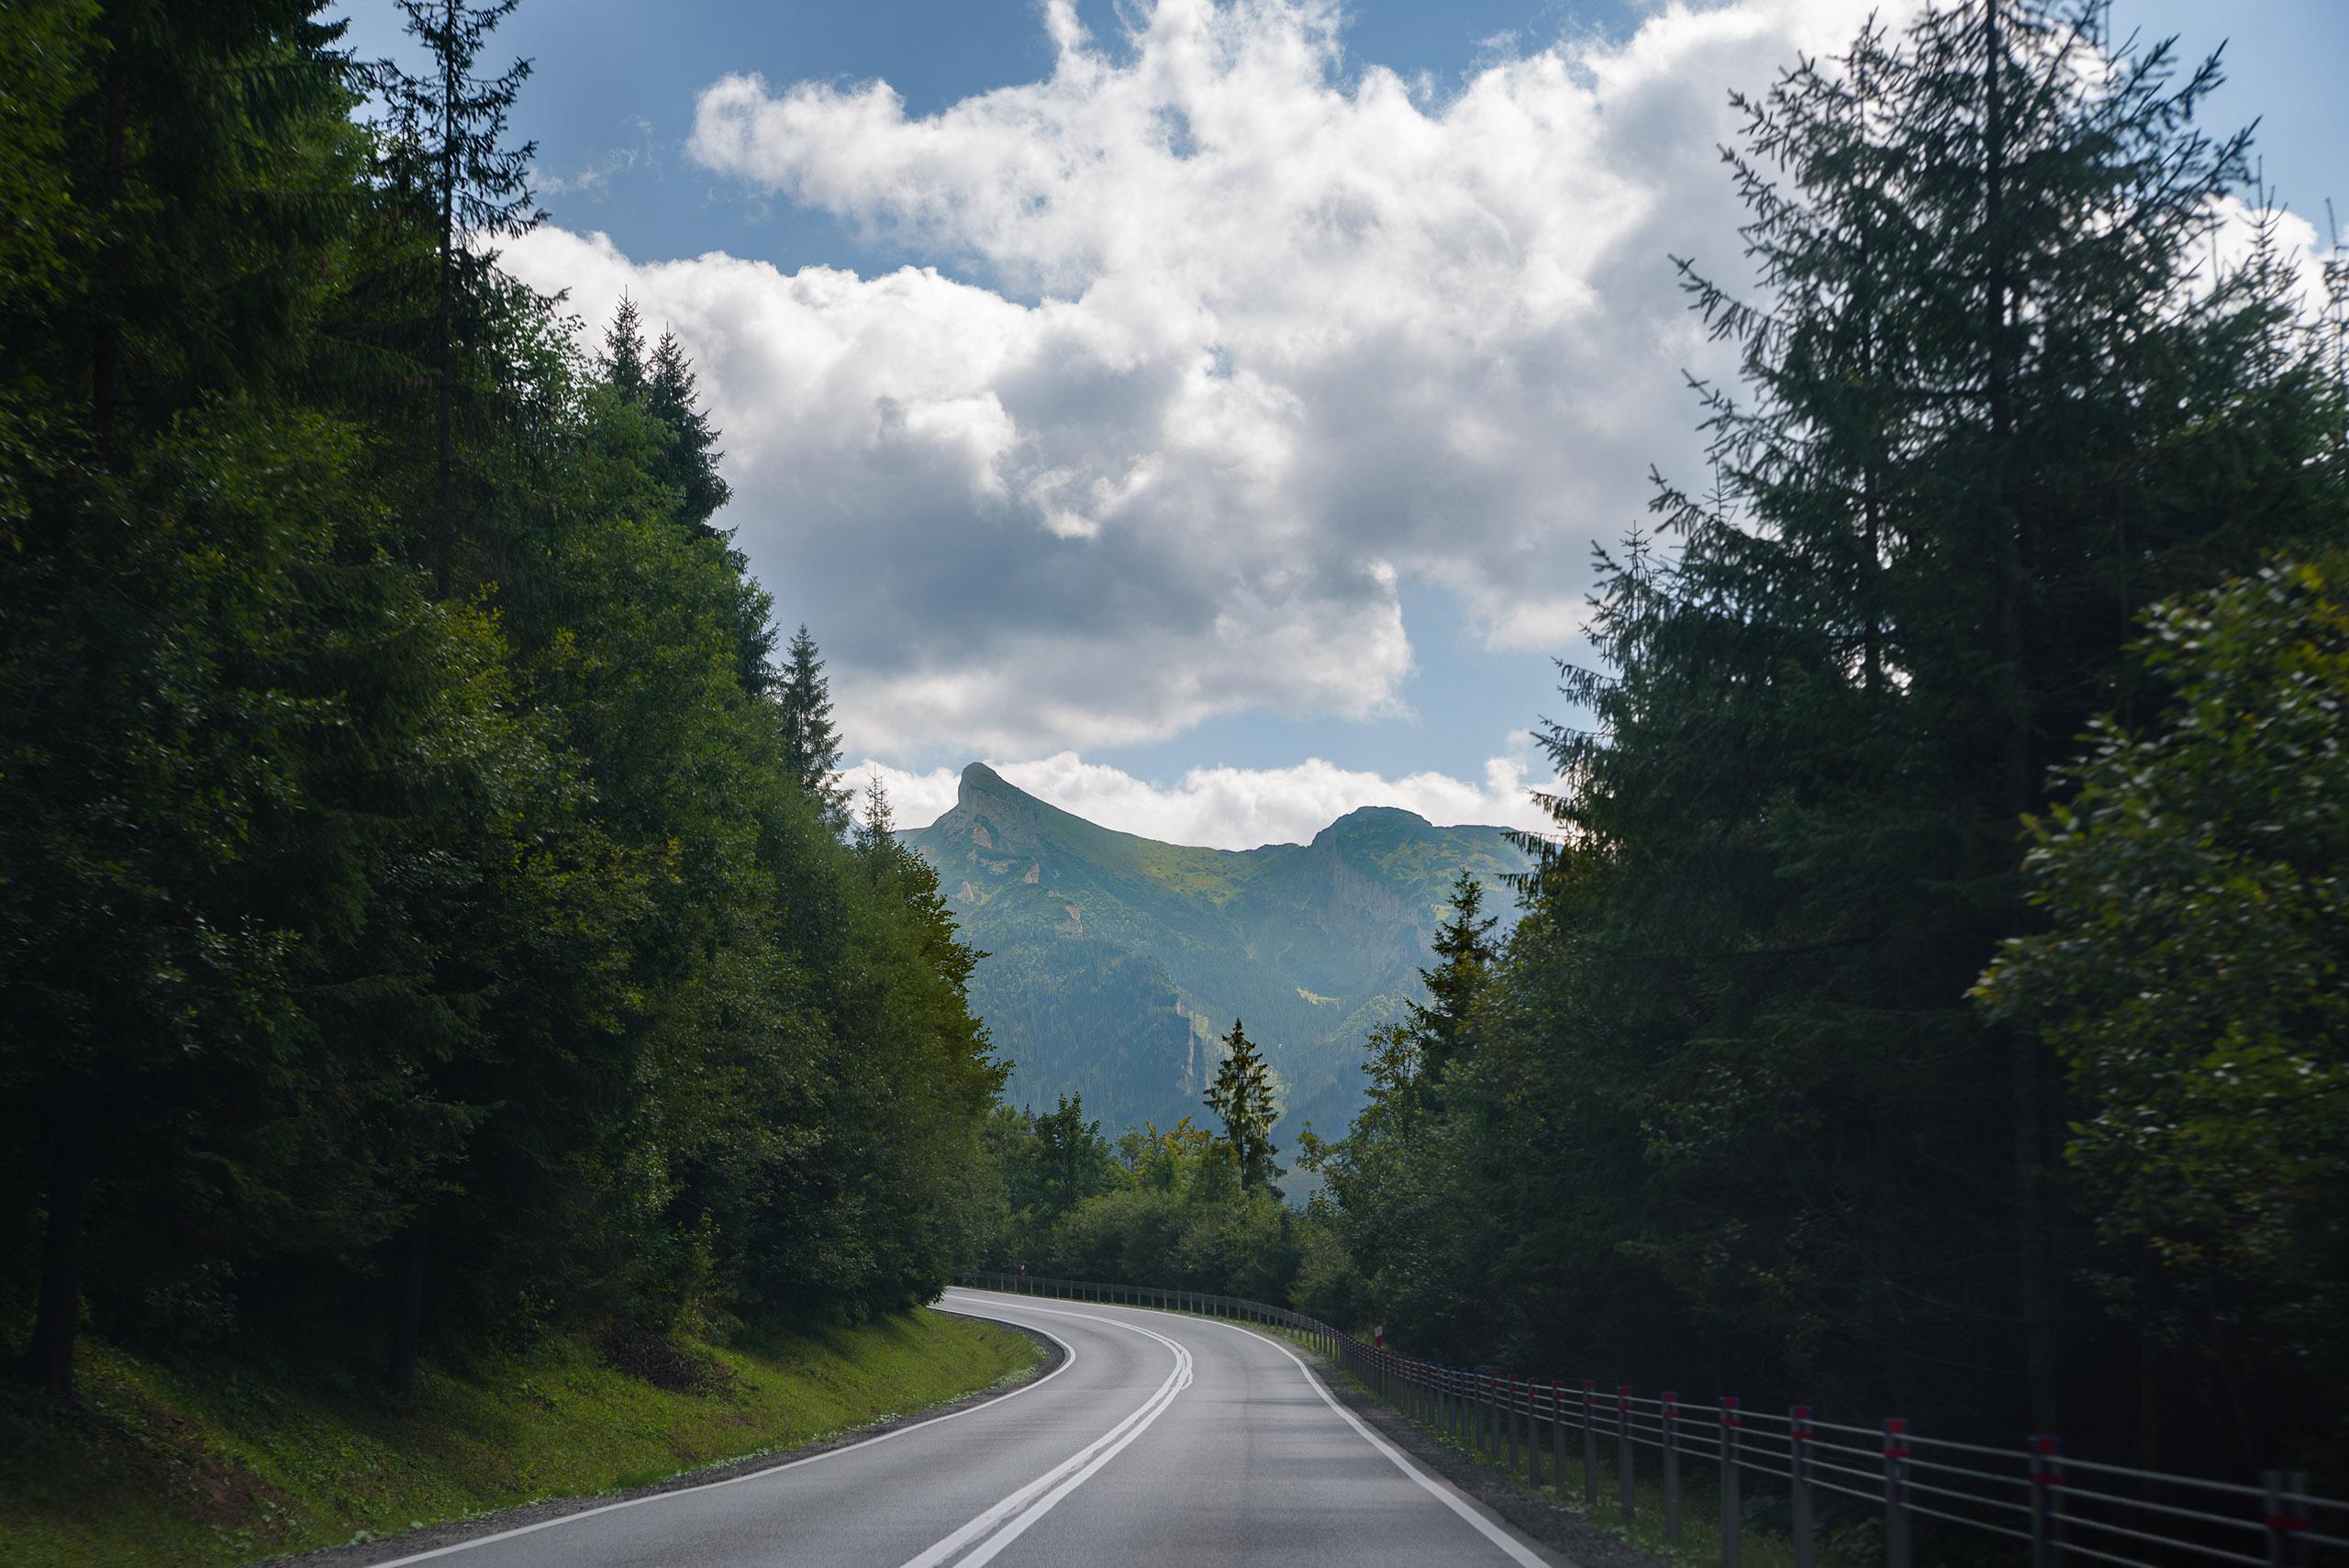 Droga z widokiem na Tatry po słowackiej stronie